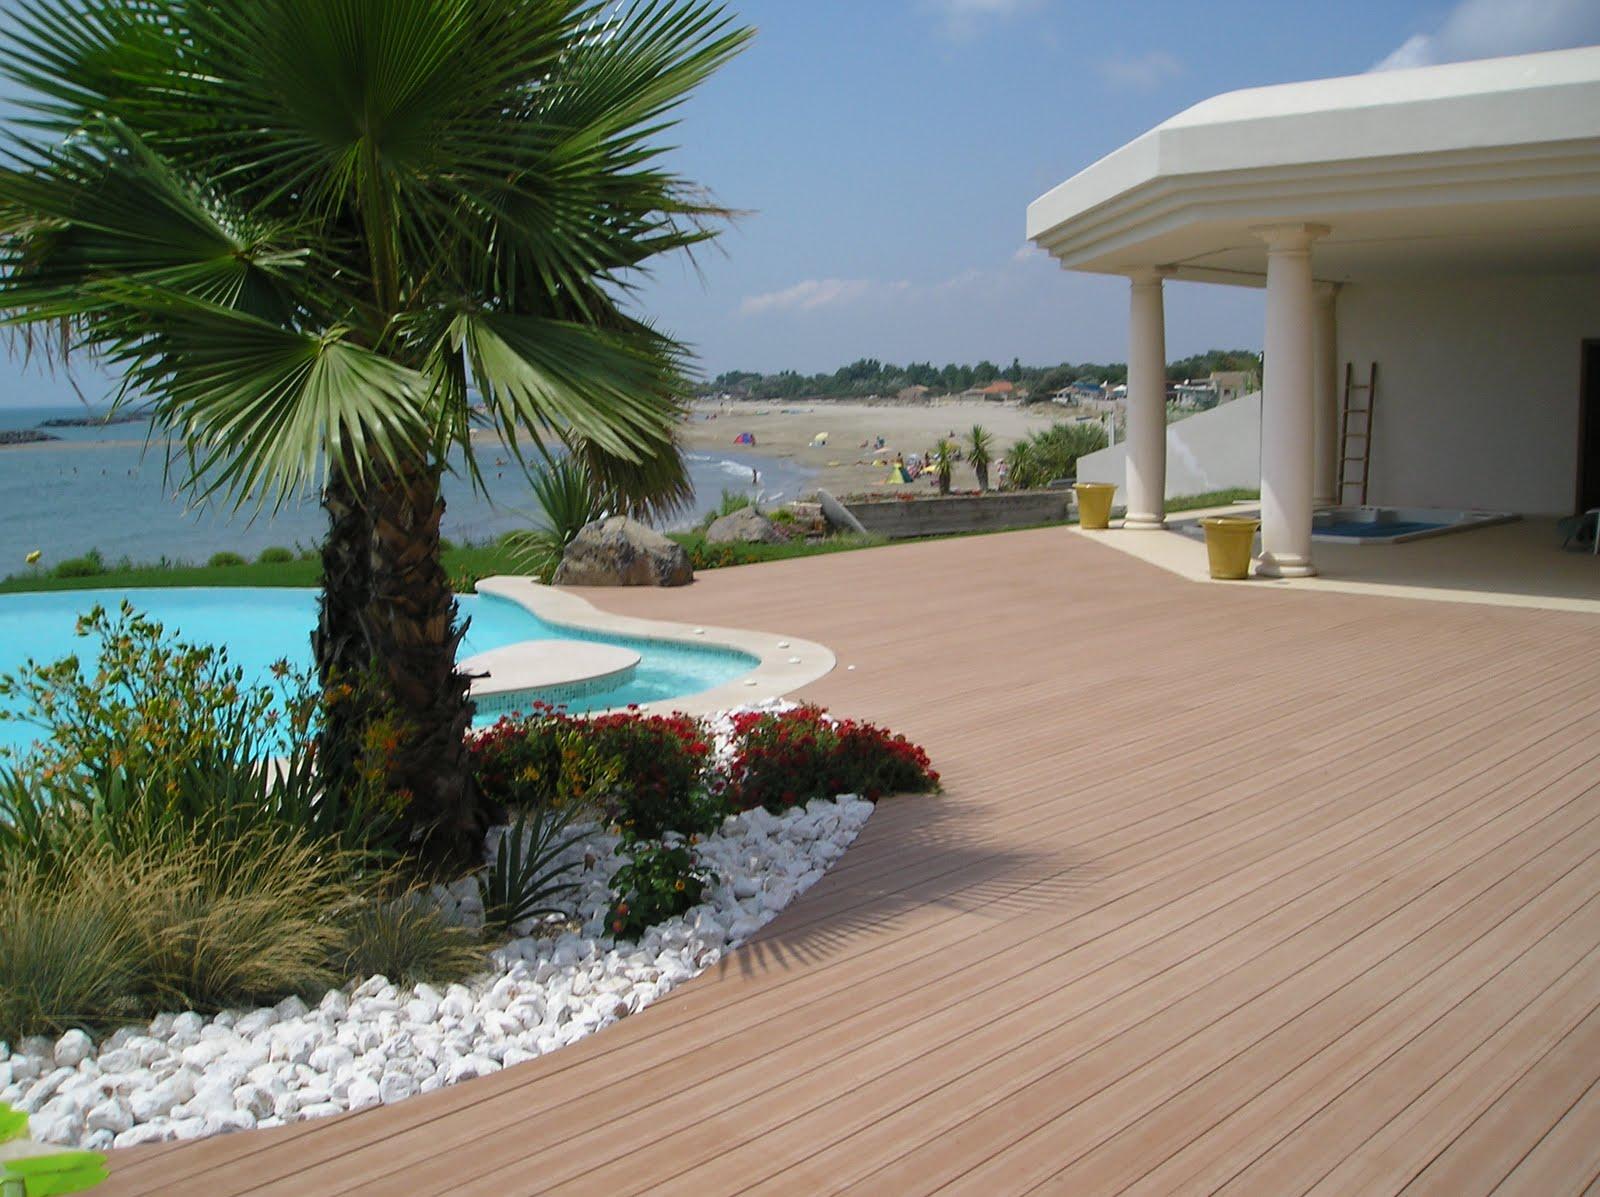 kinderzimmers terrasse en bois ou composite une piscine. Black Bedroom Furniture Sets. Home Design Ideas